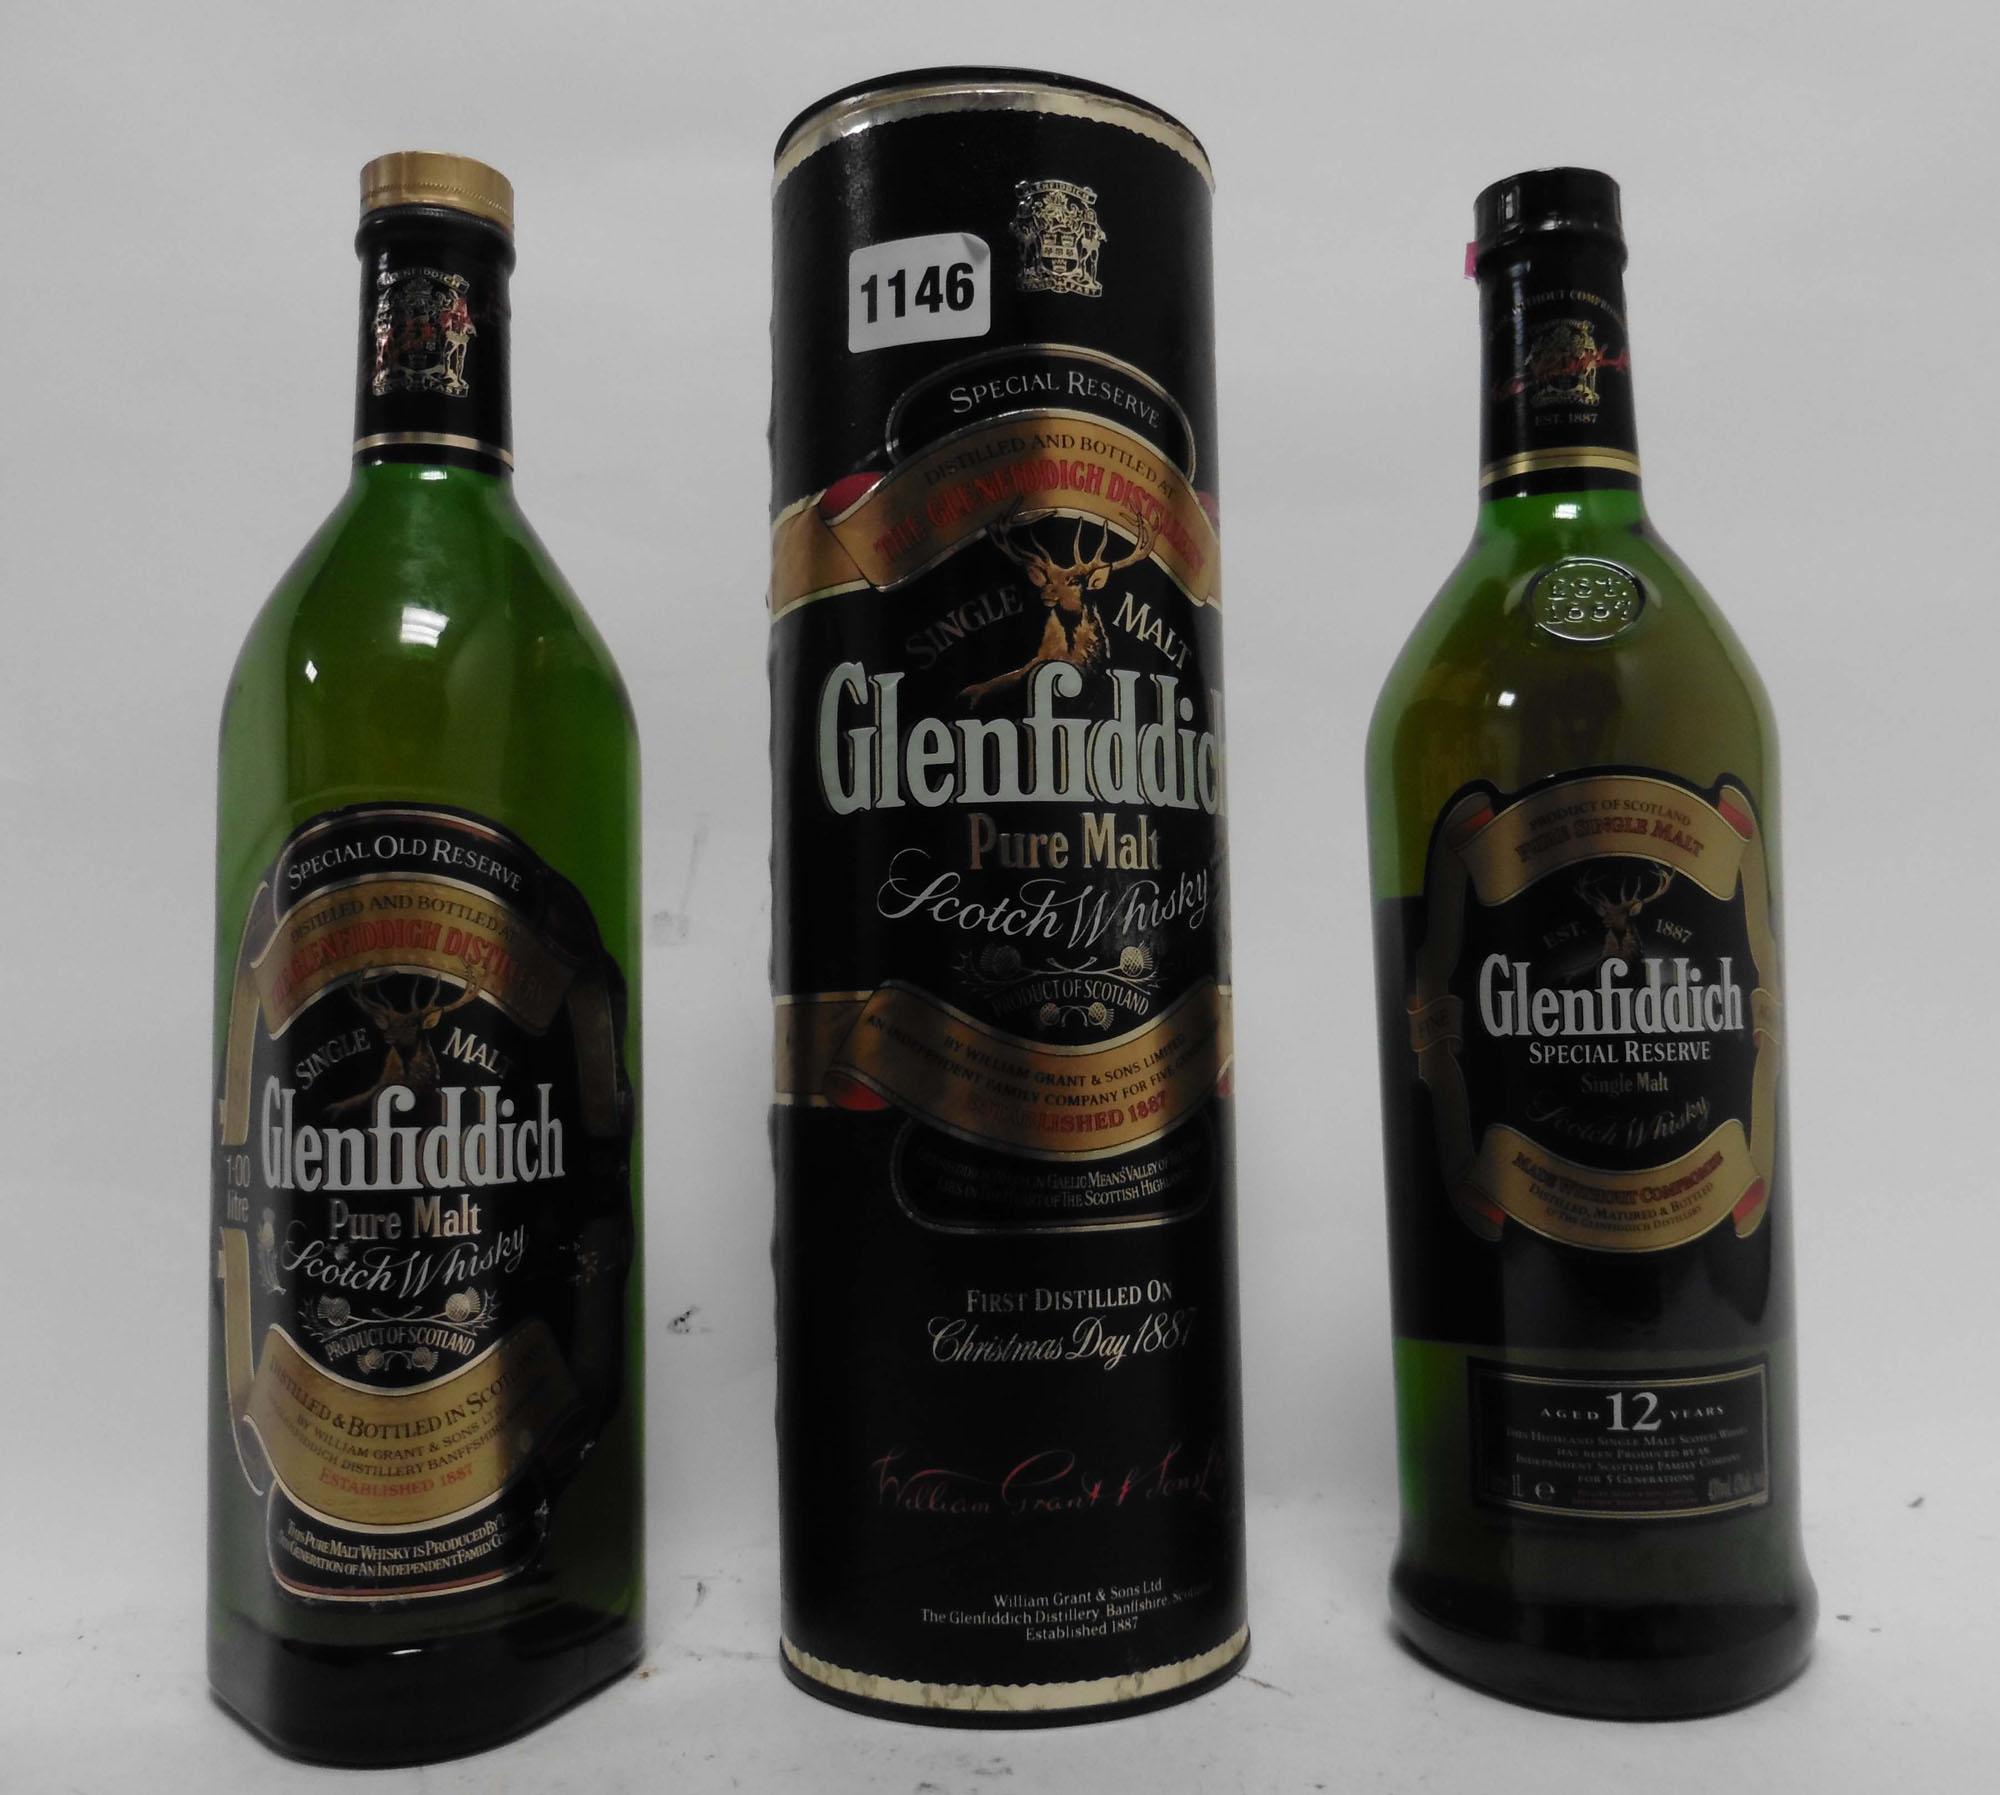 2 bottles of Glenfiddich Single Malt Scotch Whisky,